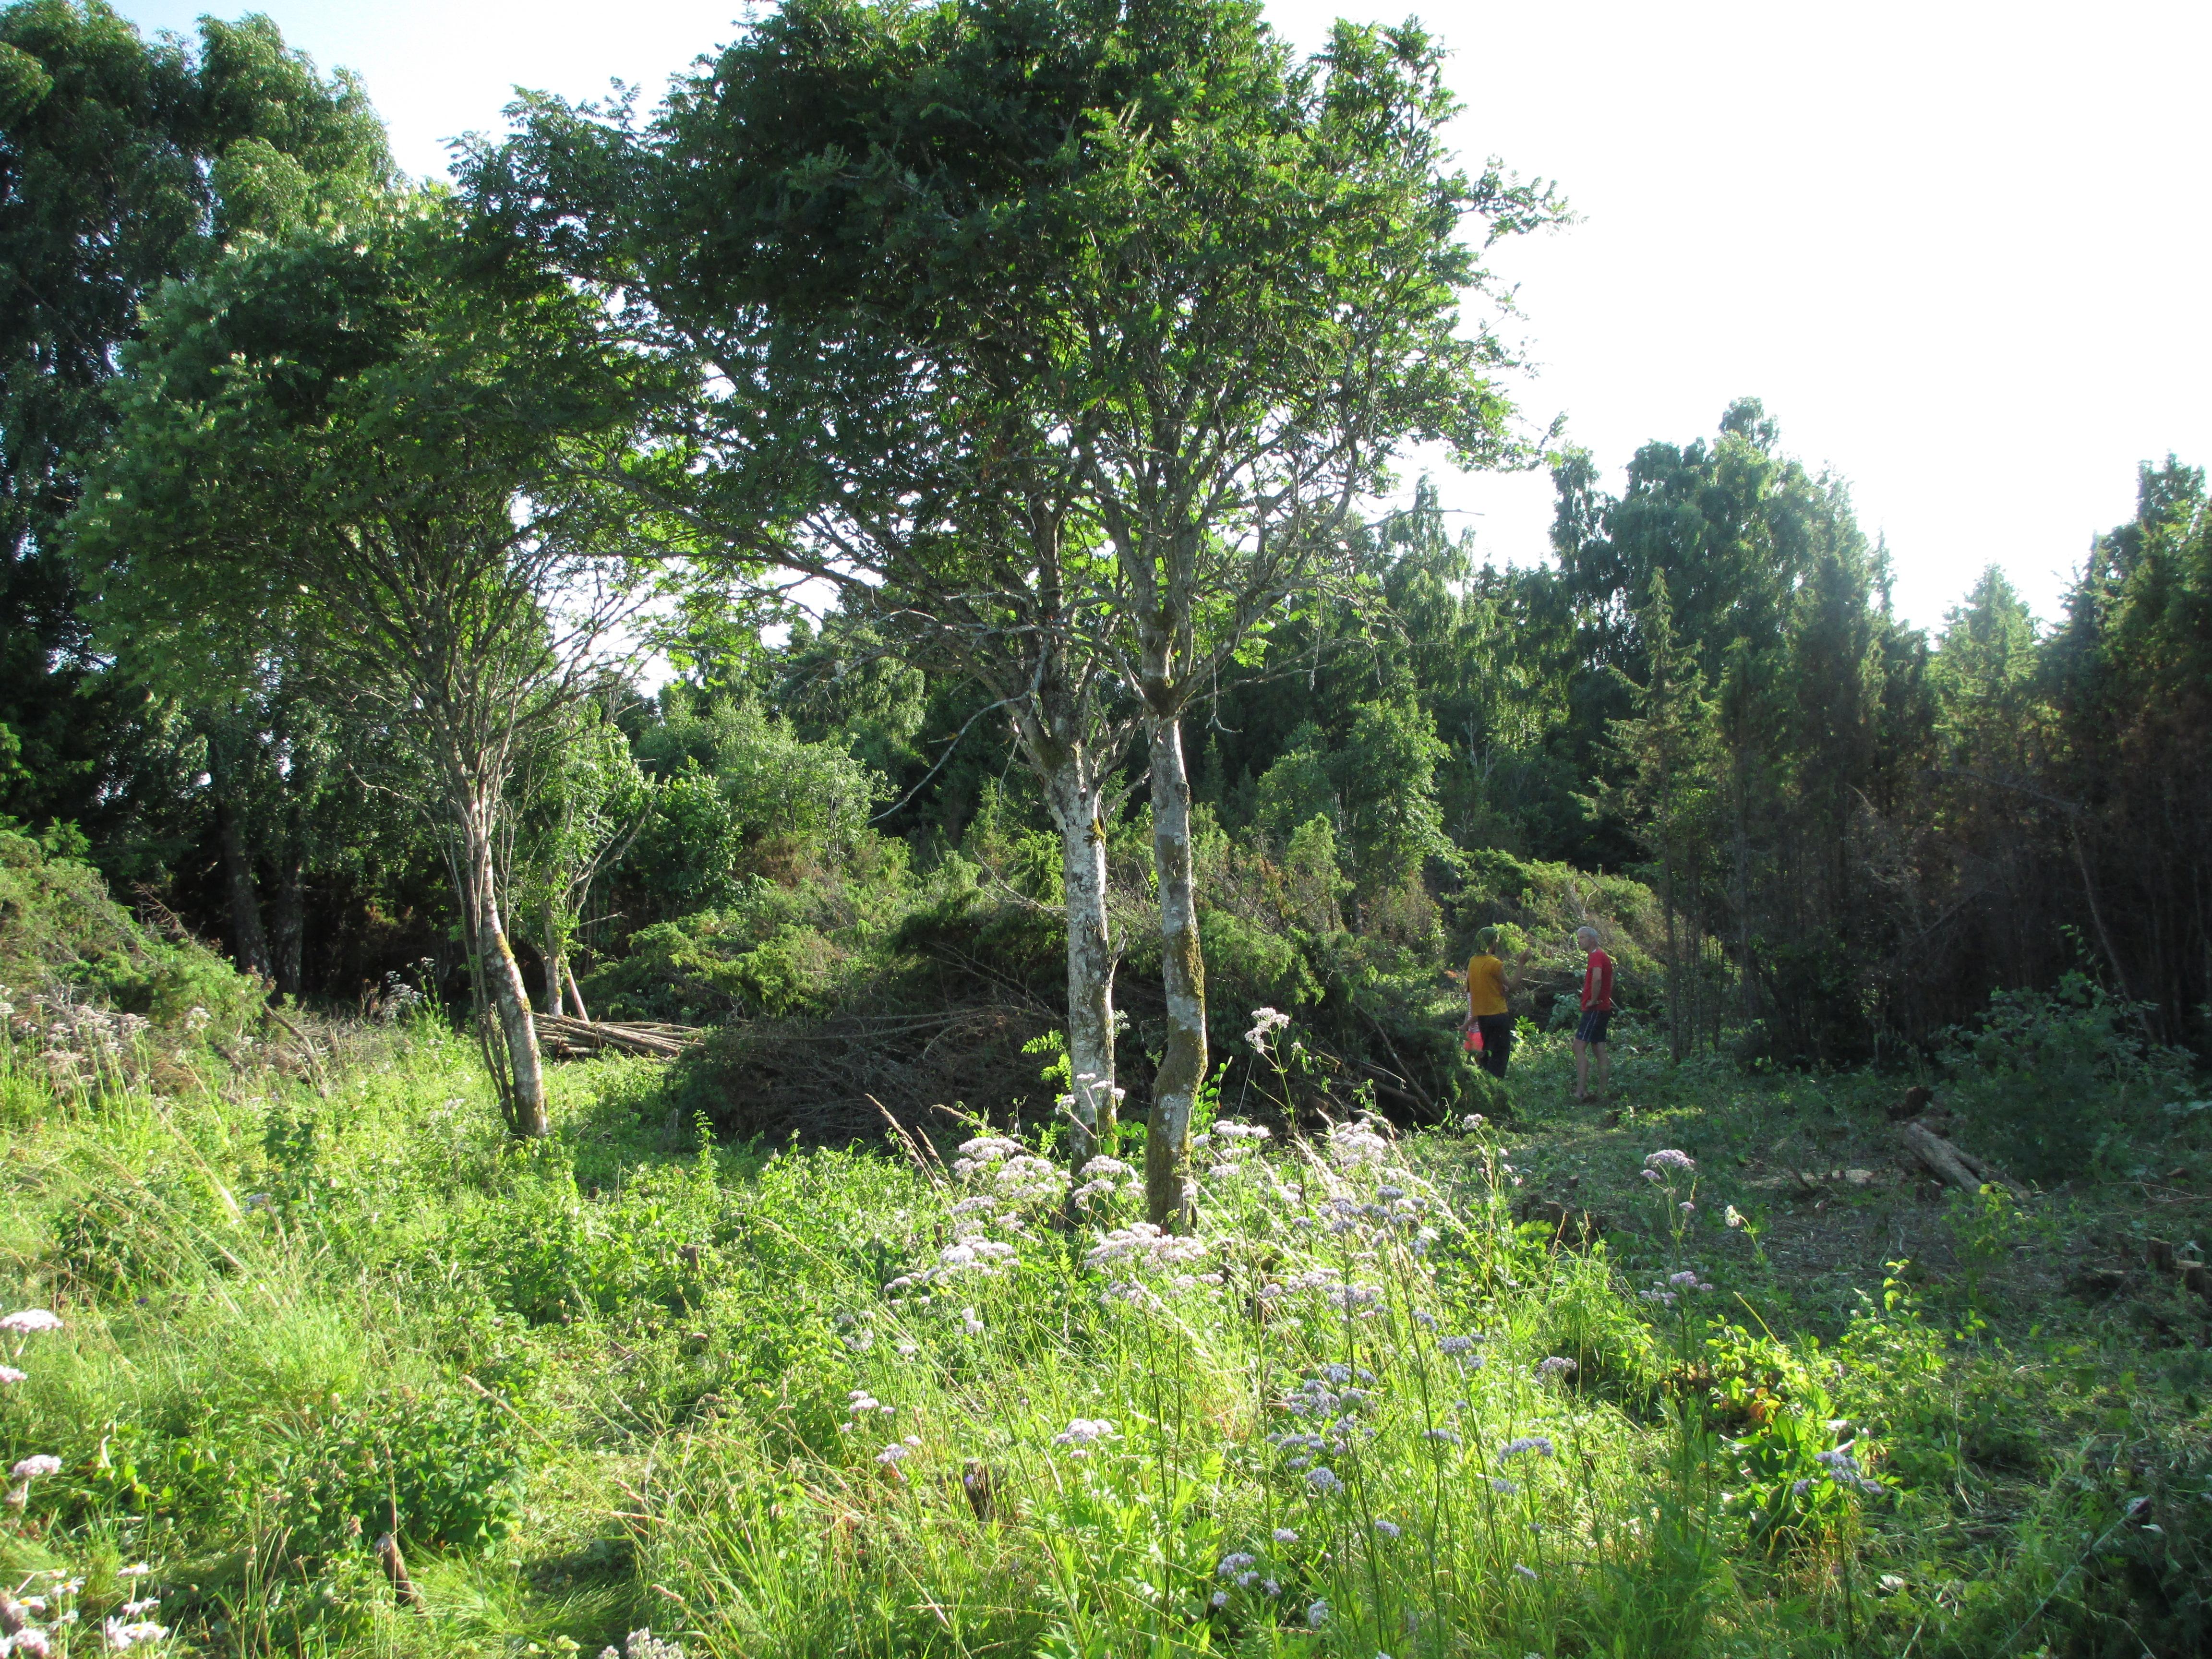 Üksikud lehtpuud pärast talguliste poolt kadakavõsast välja raiumist. Taamal tihe kadakamüür.